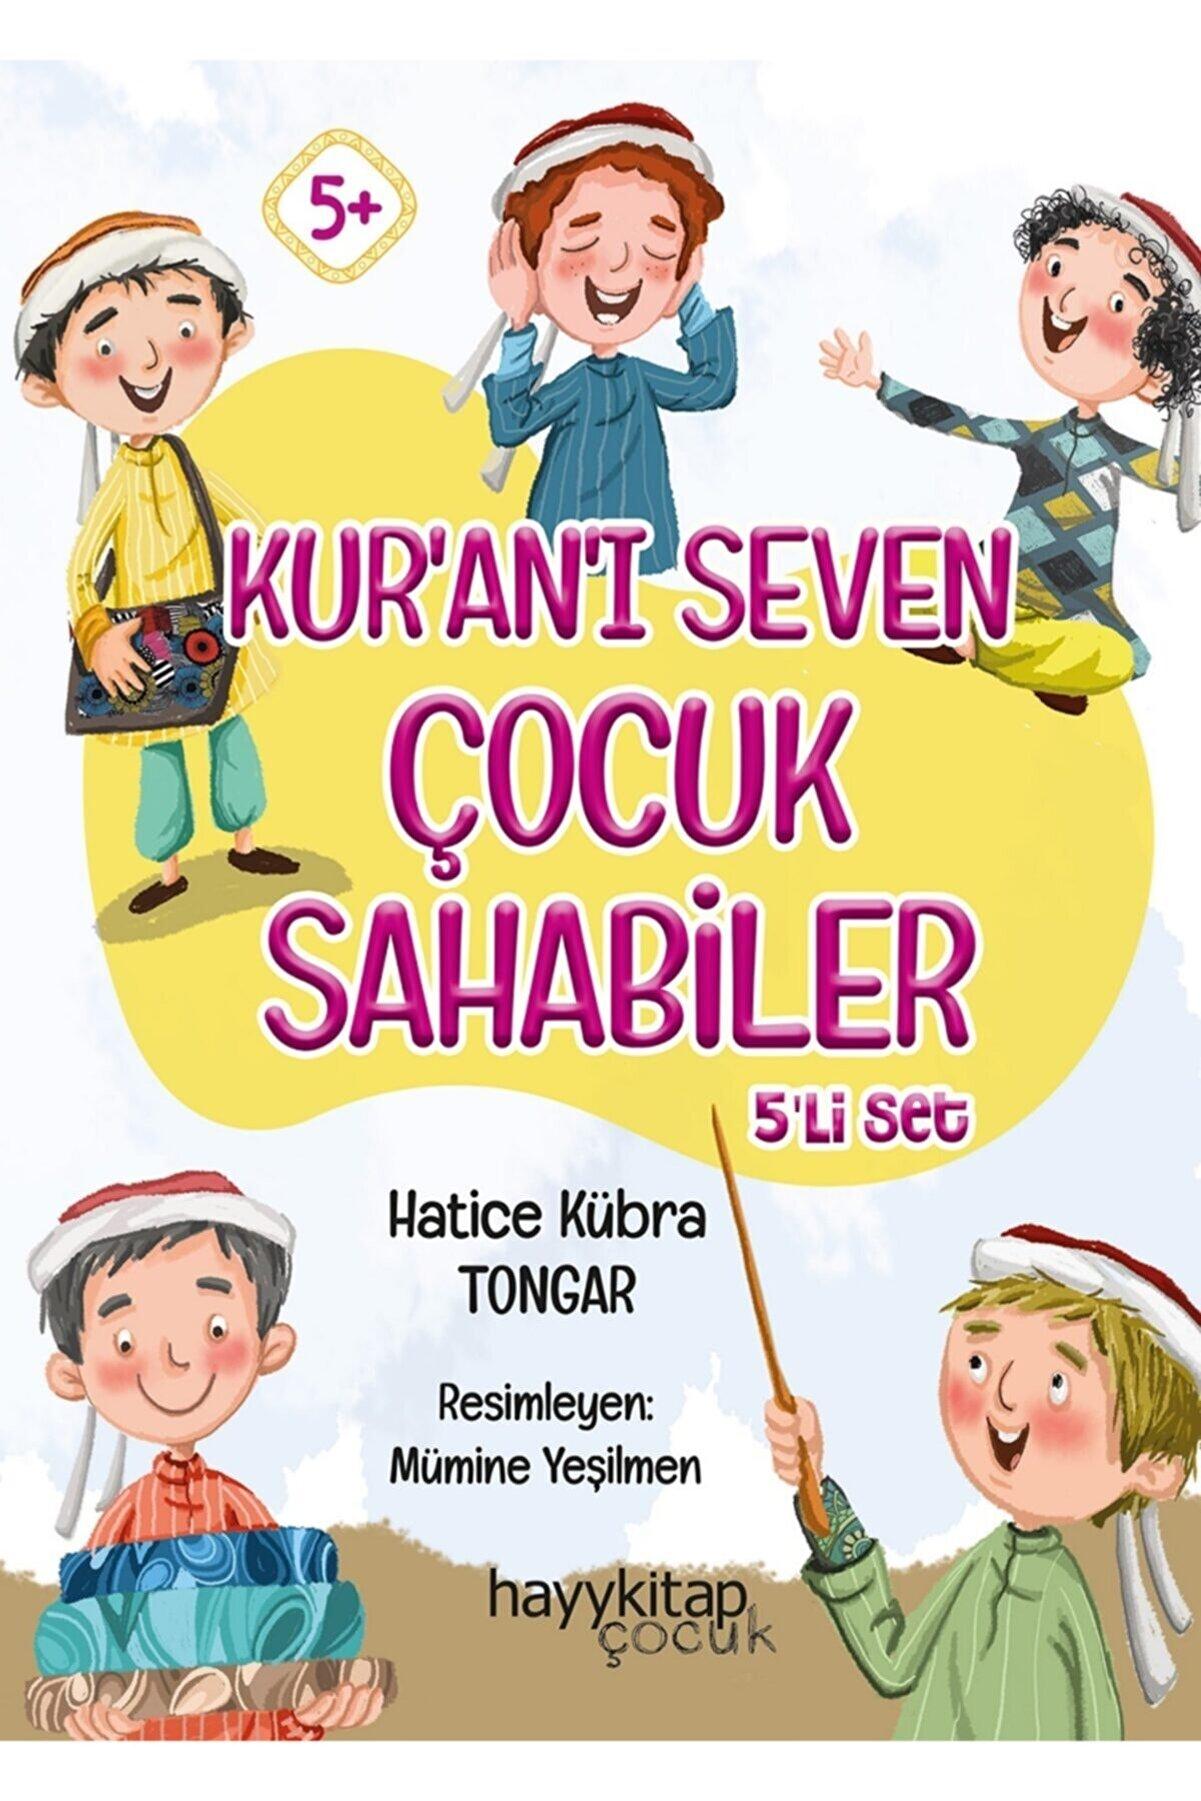 Hayykitap Kur'an'ı Seven Çocuk Sahabiler 5'li Set - Hatice Kübra Tongar